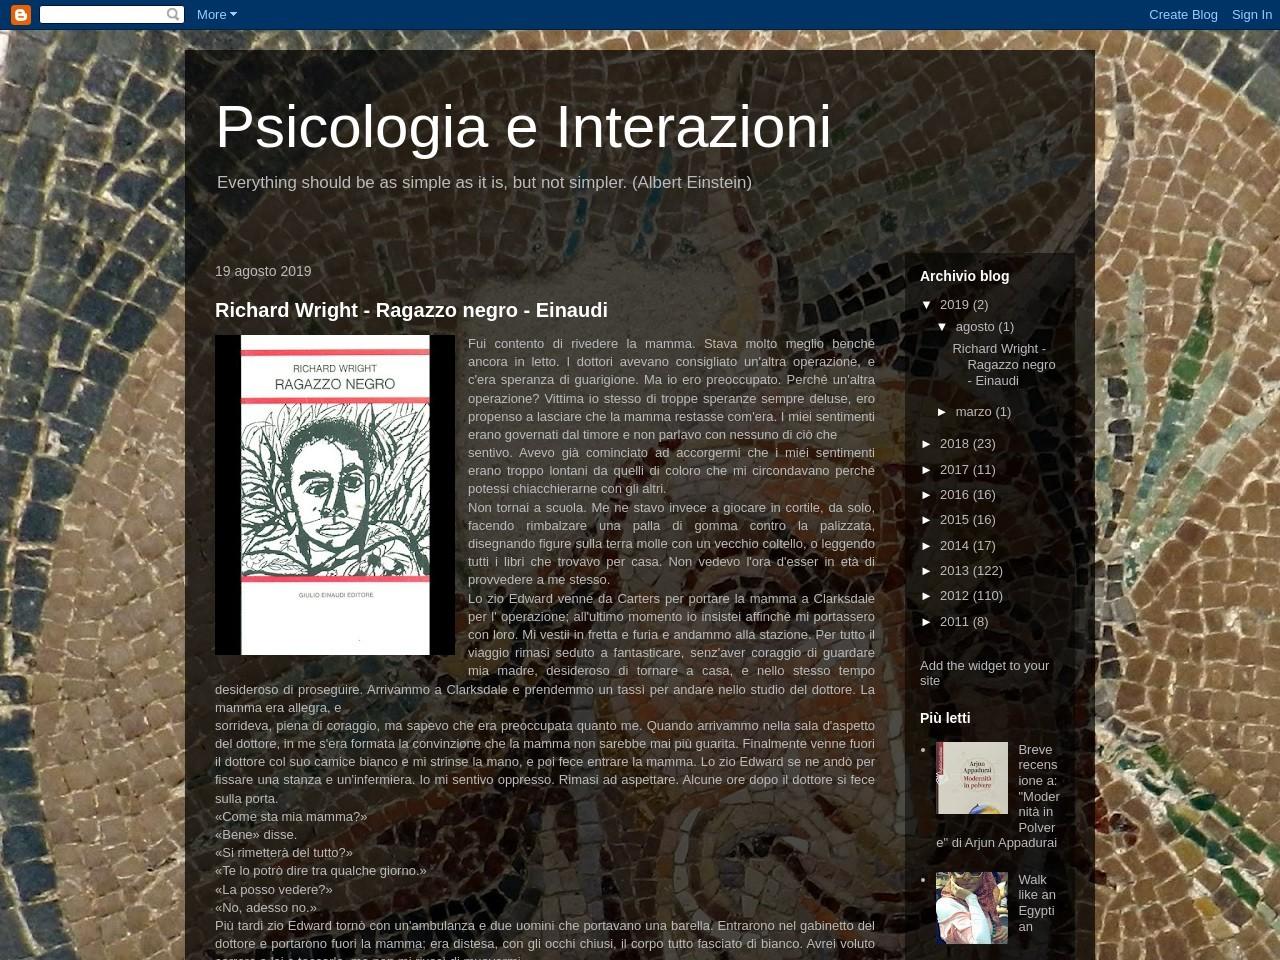 psicologia-e-interazioni